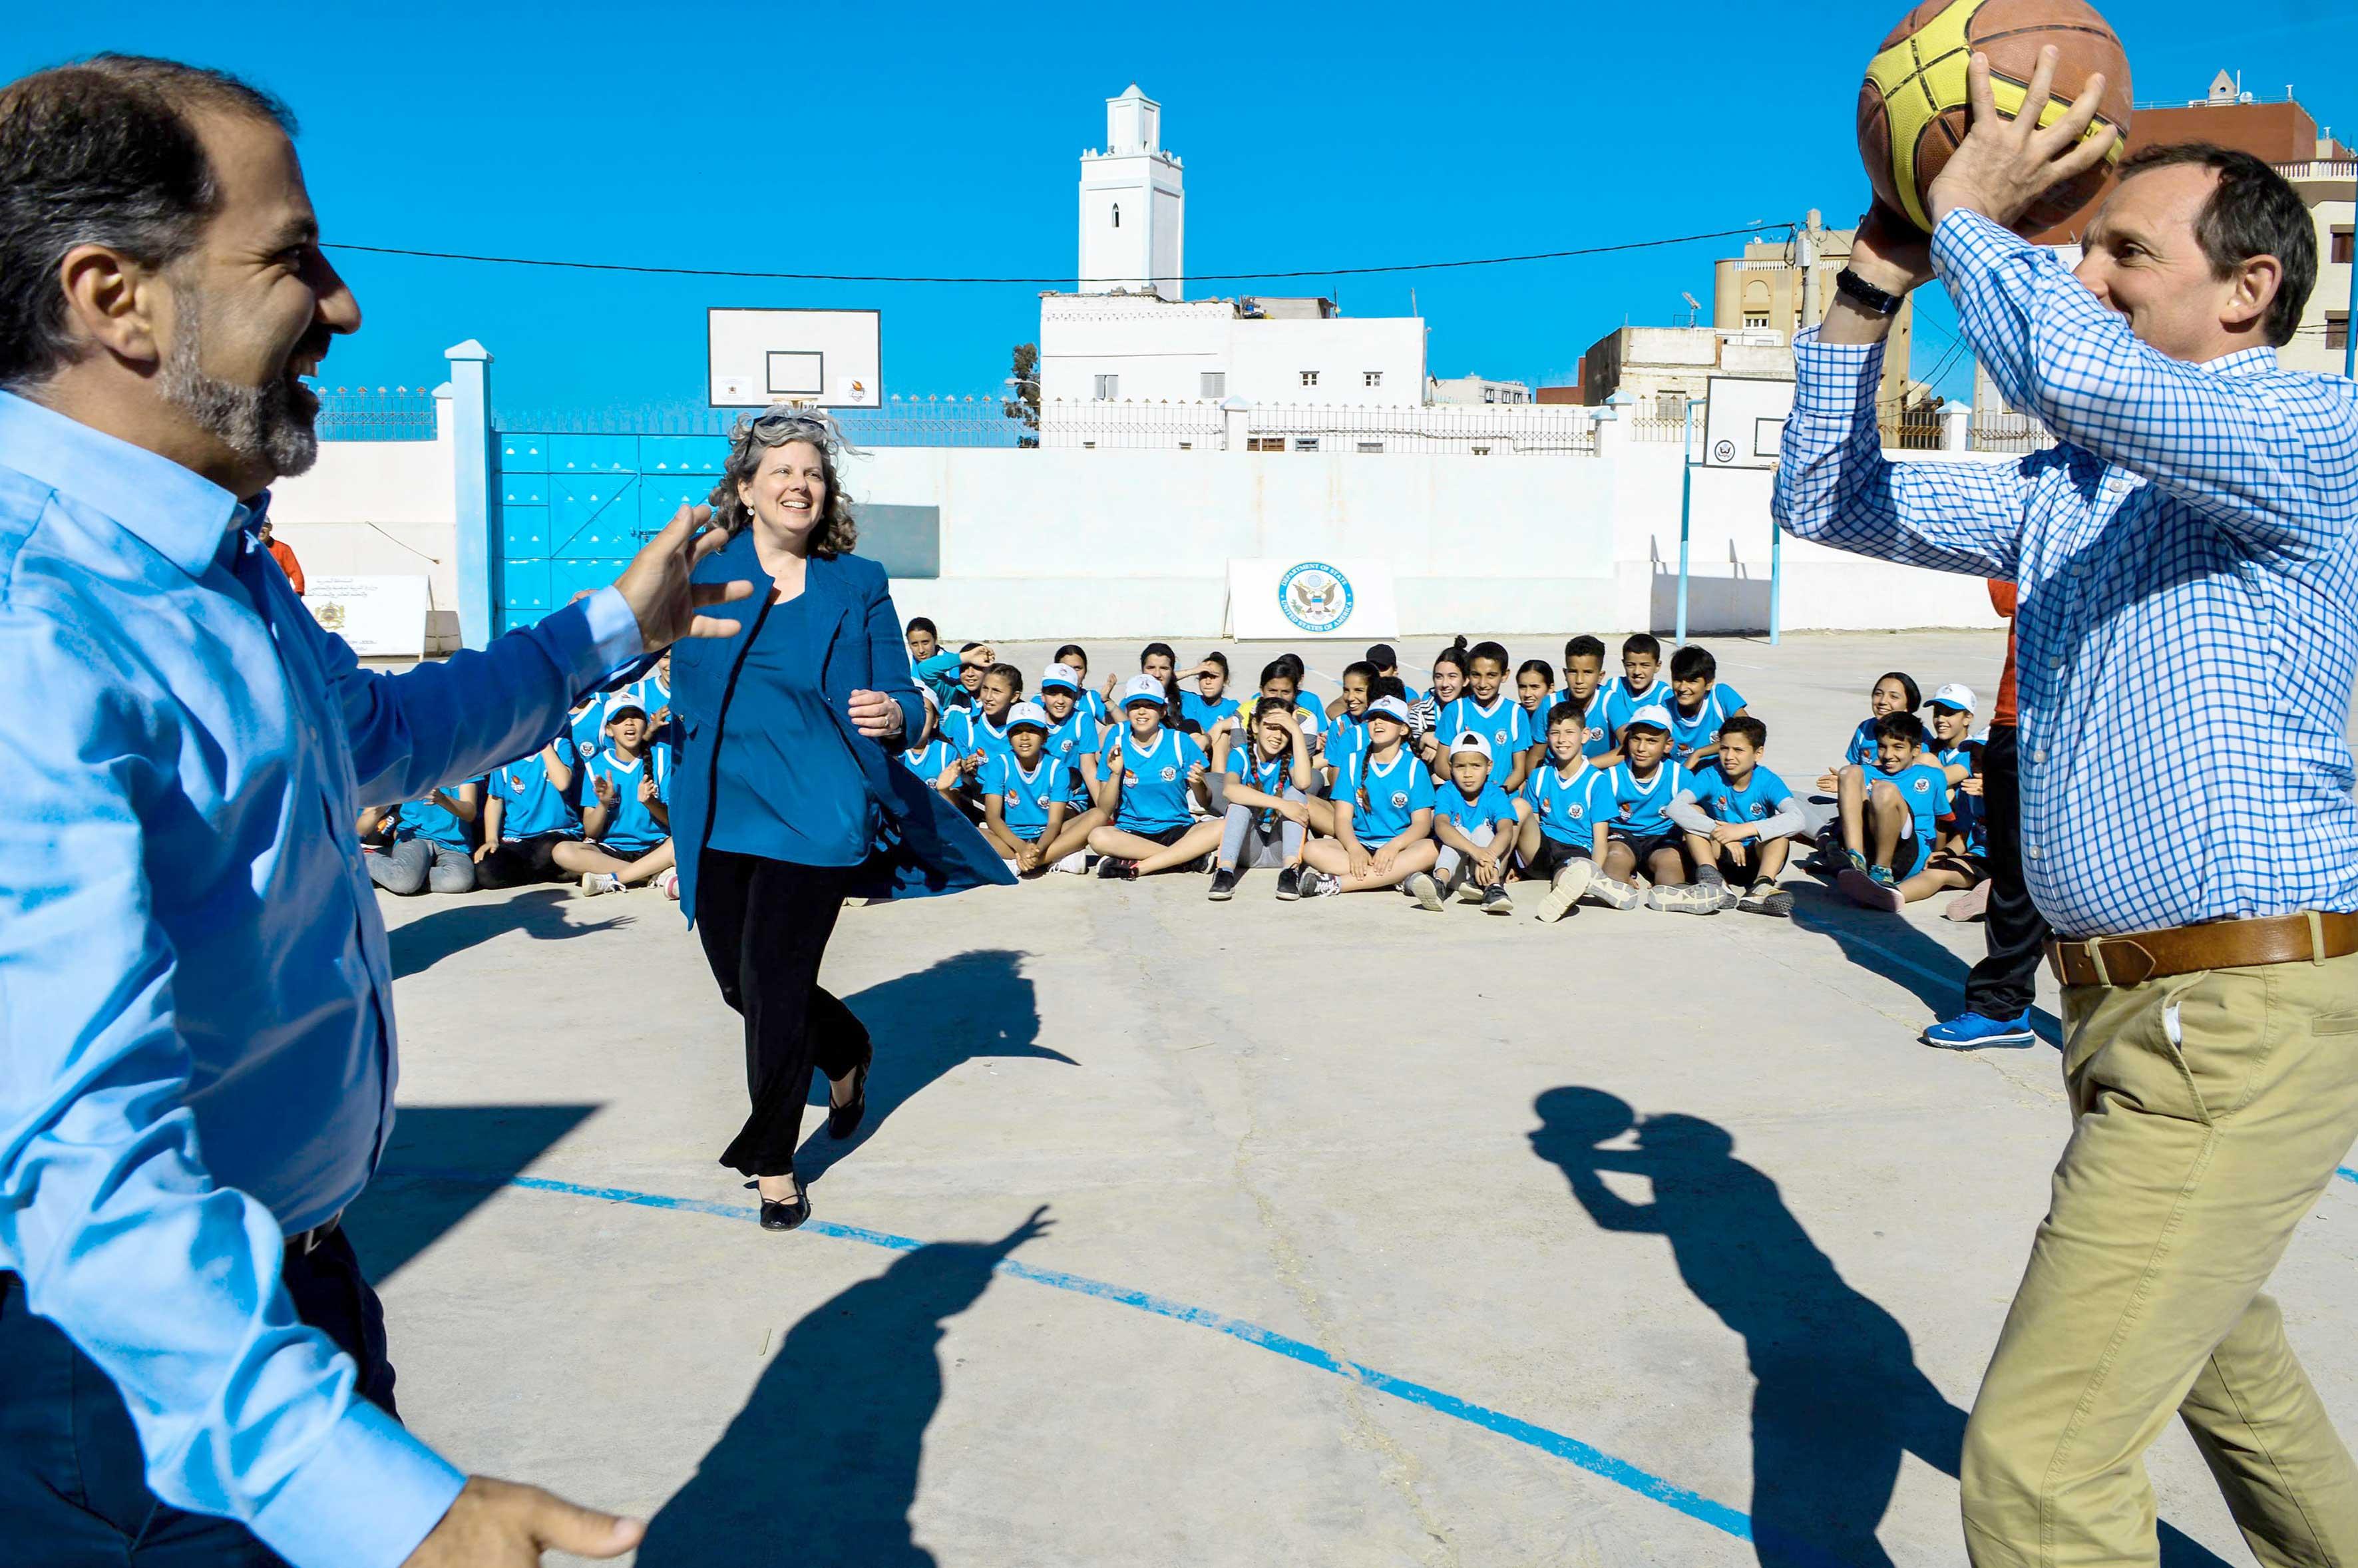 سفارة أمريكا بالمغرب تحتفي بذكرى إحداث مركز تيبو لتنمية مهارات الأطفال بالحسيمة